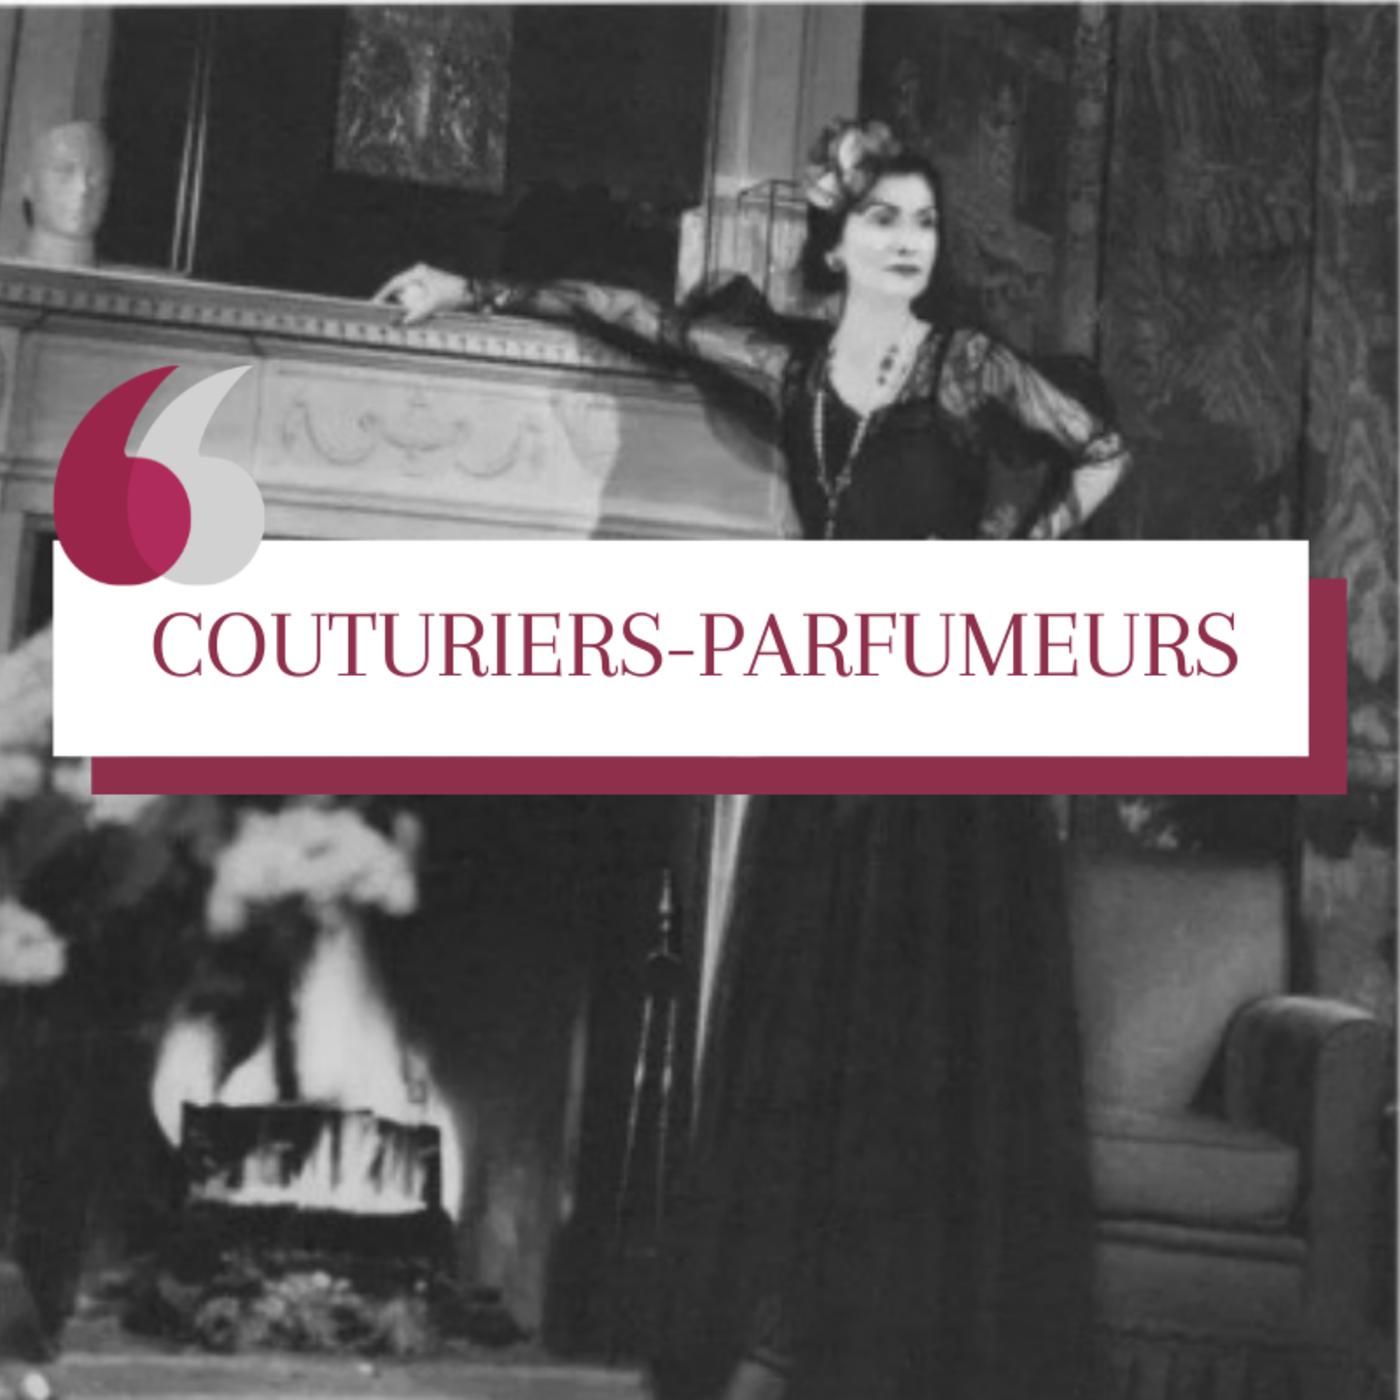 Coco Chanel, à l'infini ?